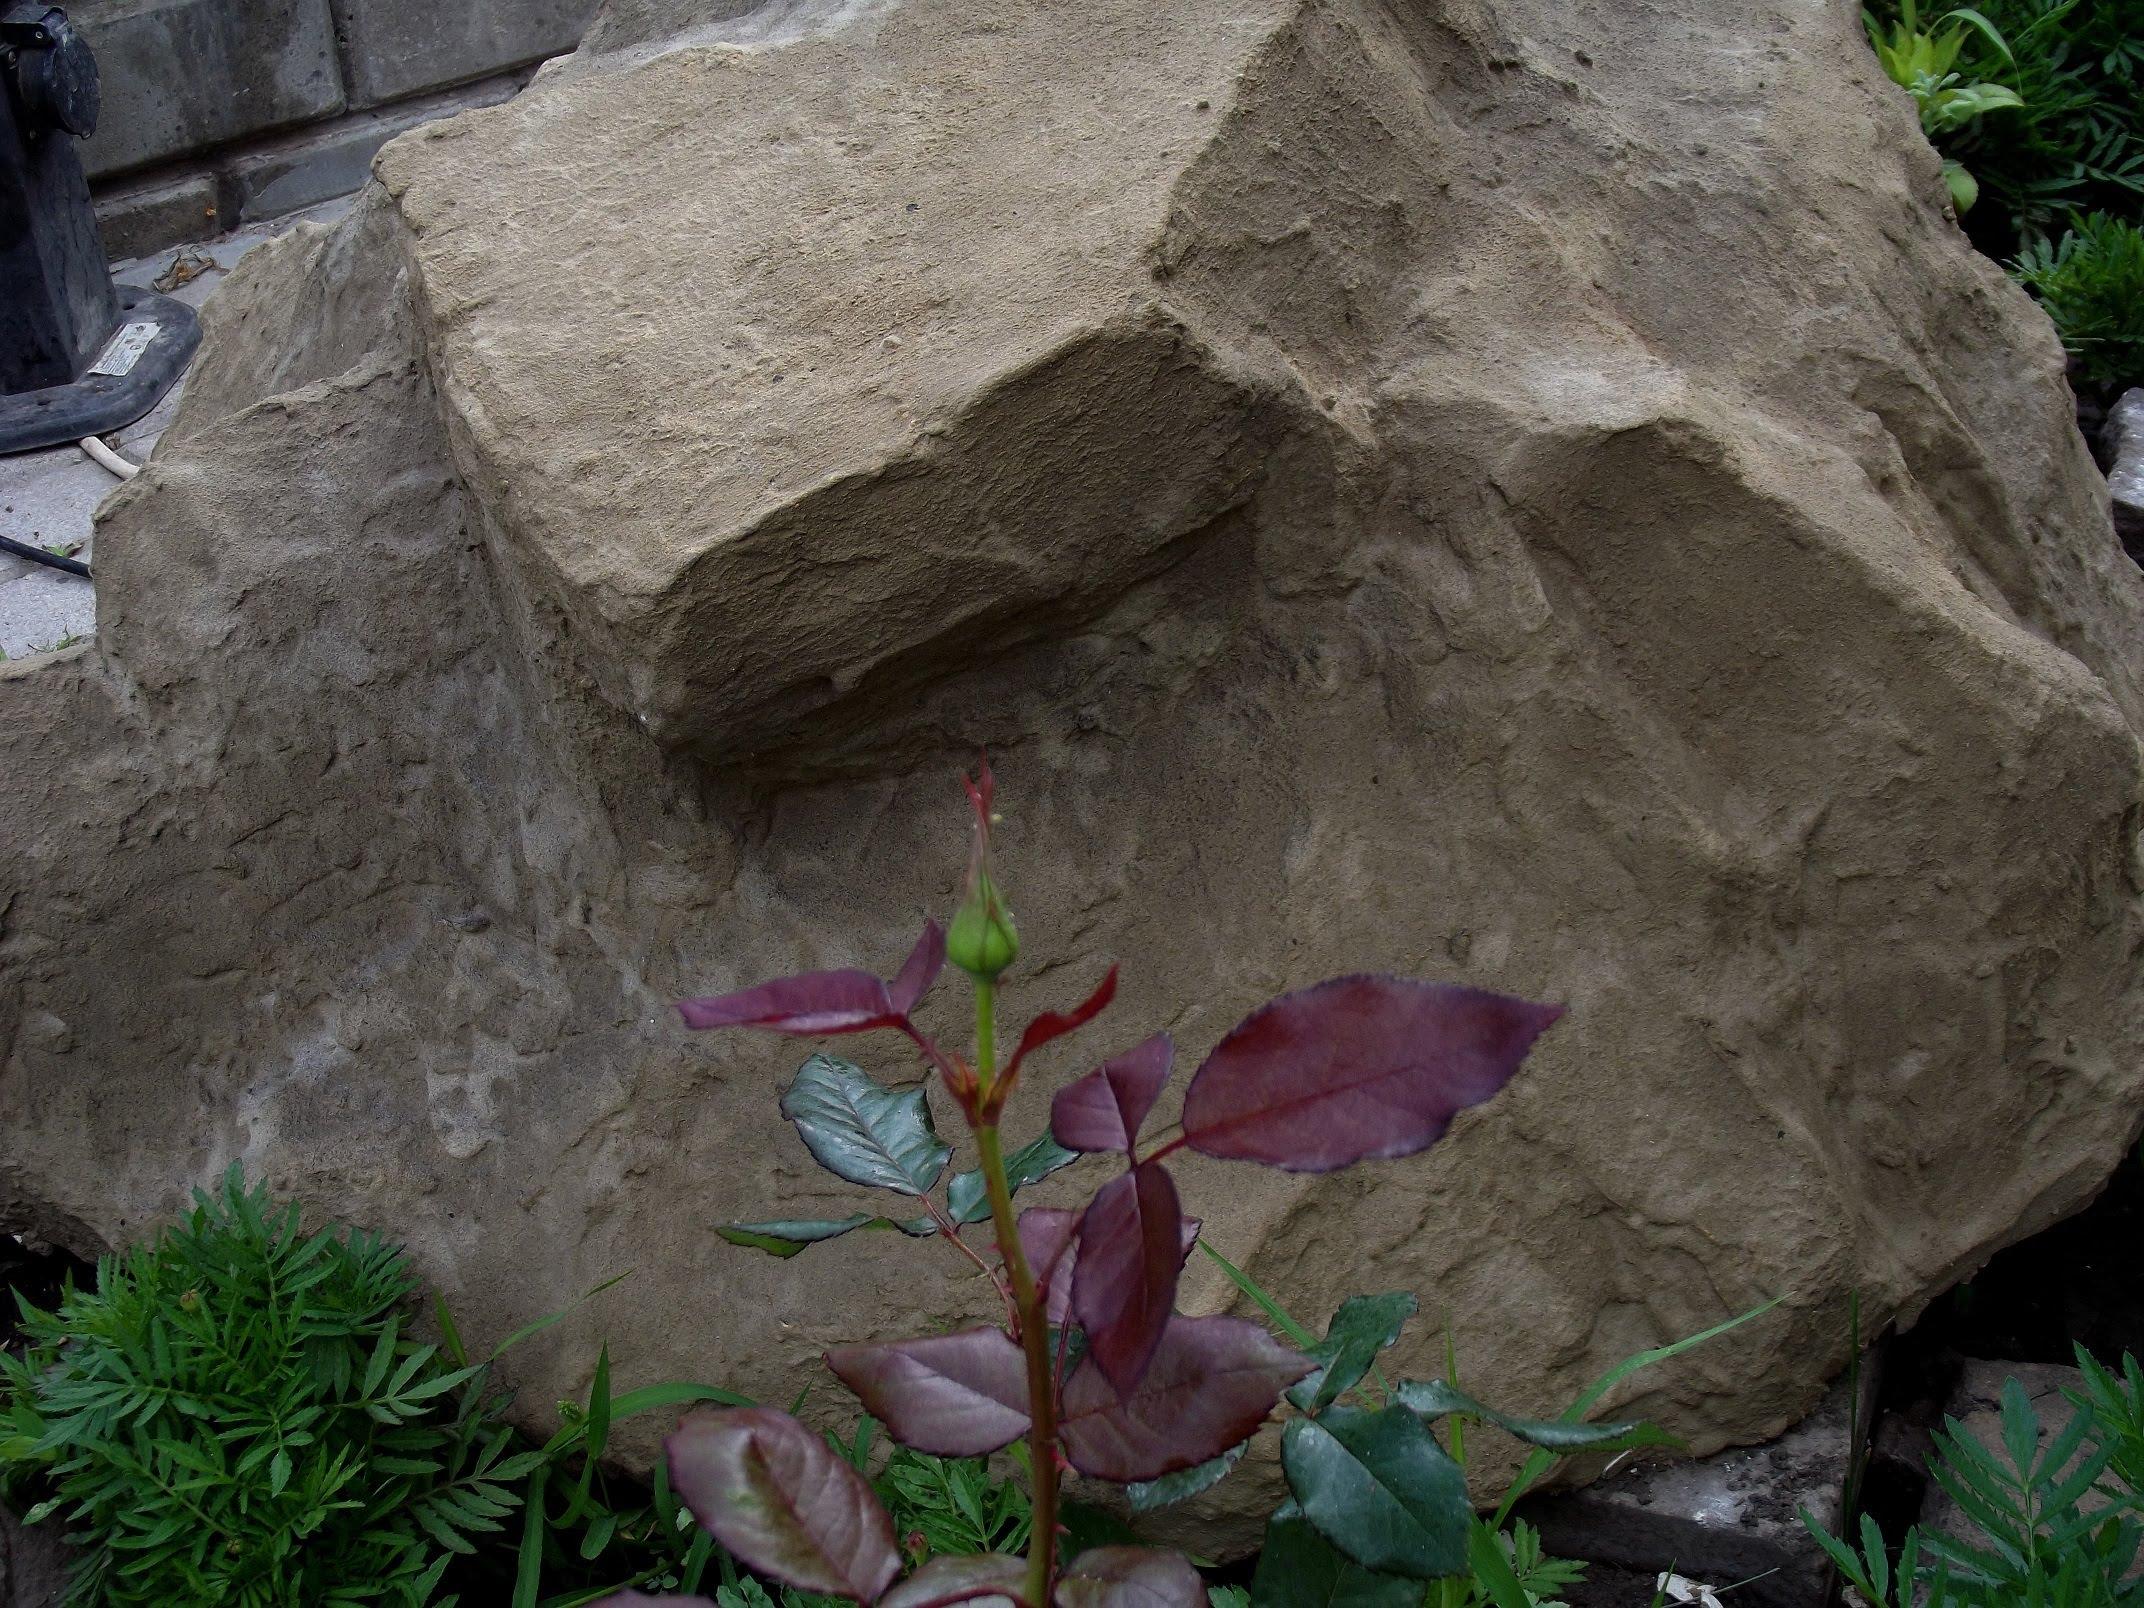 Камень декоративный искусственный своими руками фото 392